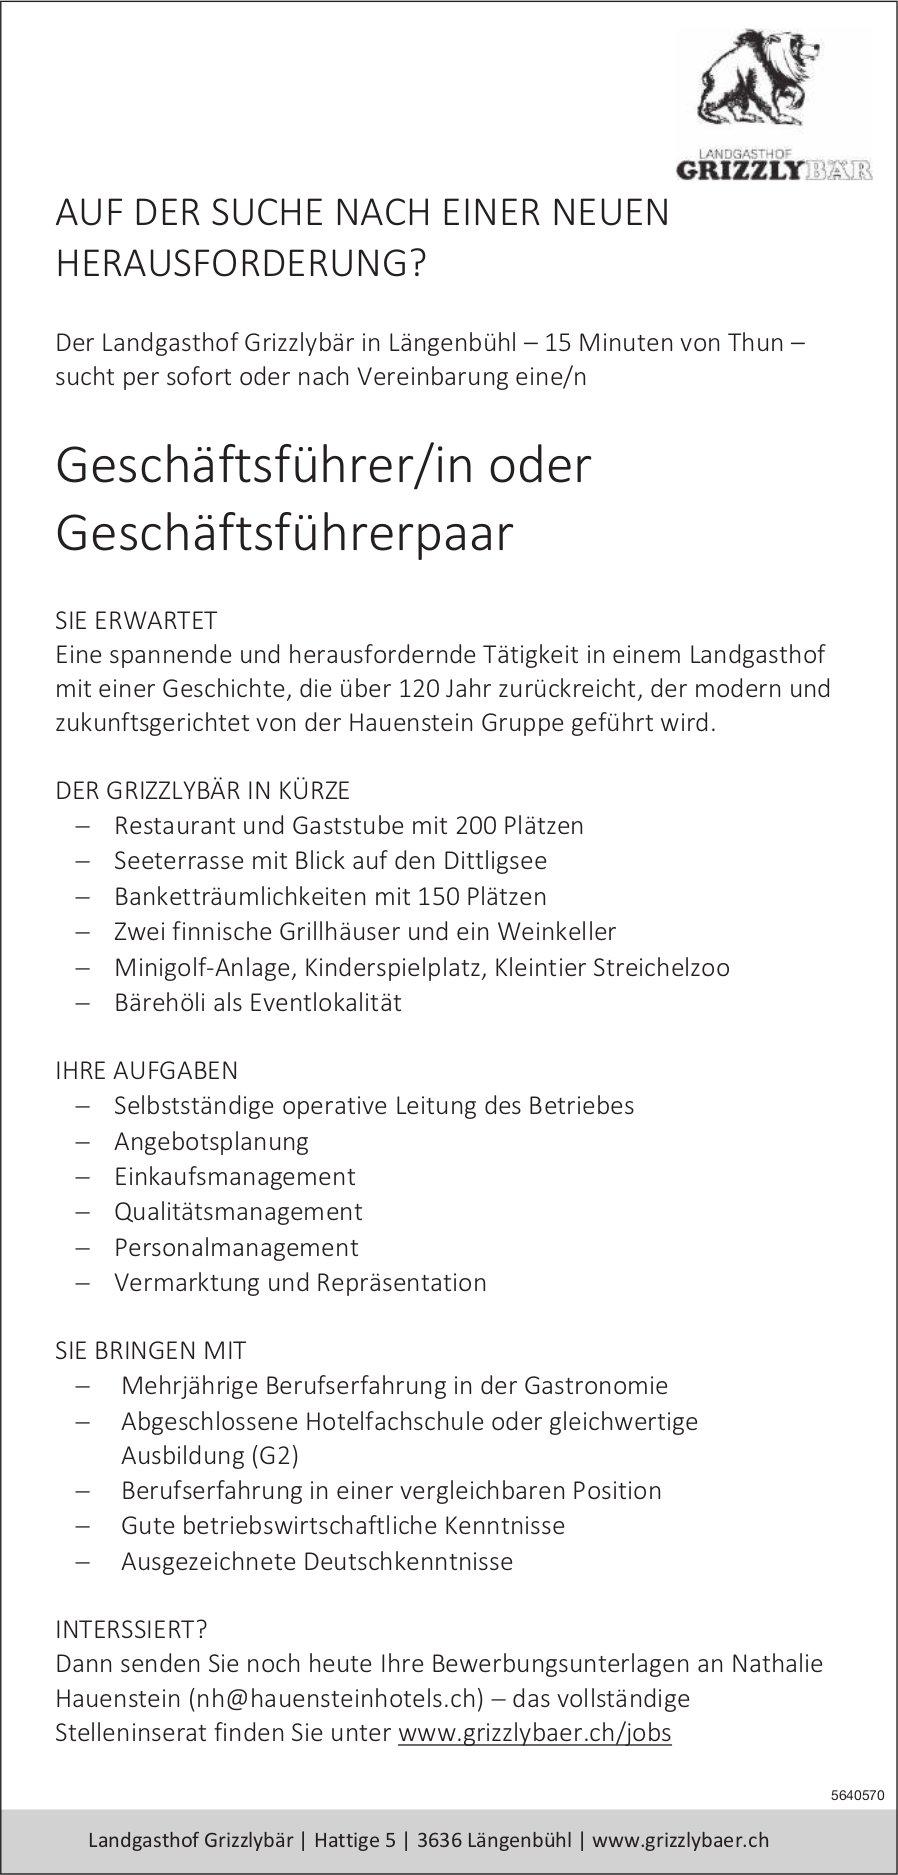 Geschäftsführer/in oder Geschäftsführerpaar, Landgasthof Grizzlybär,  Längenbühl, gesucht